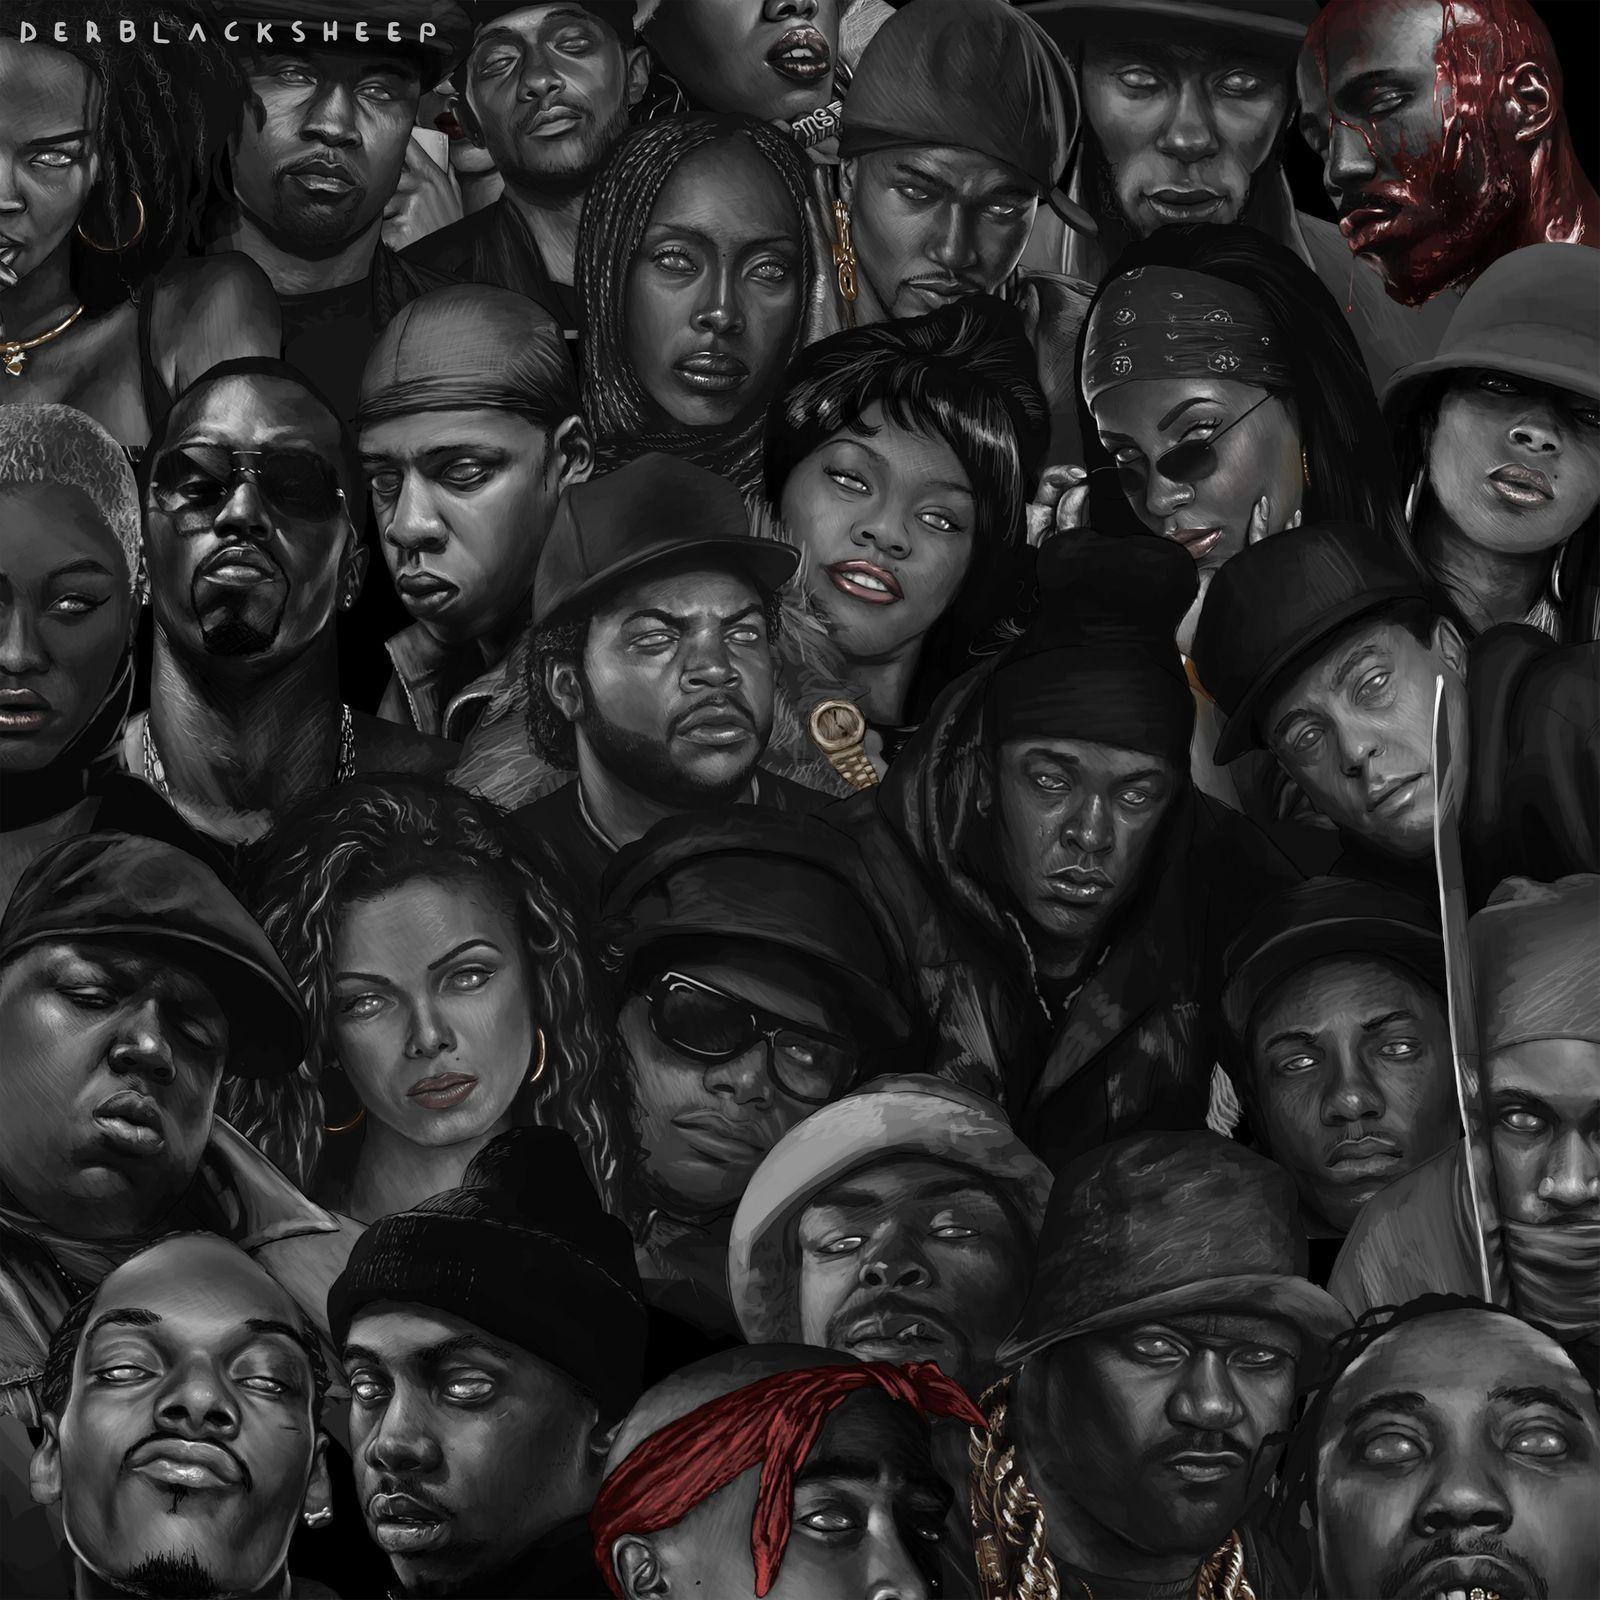 Der Black Sheep Derblacksheep Hip Hop Art Hip Hop Artwork Hip Hop Poster